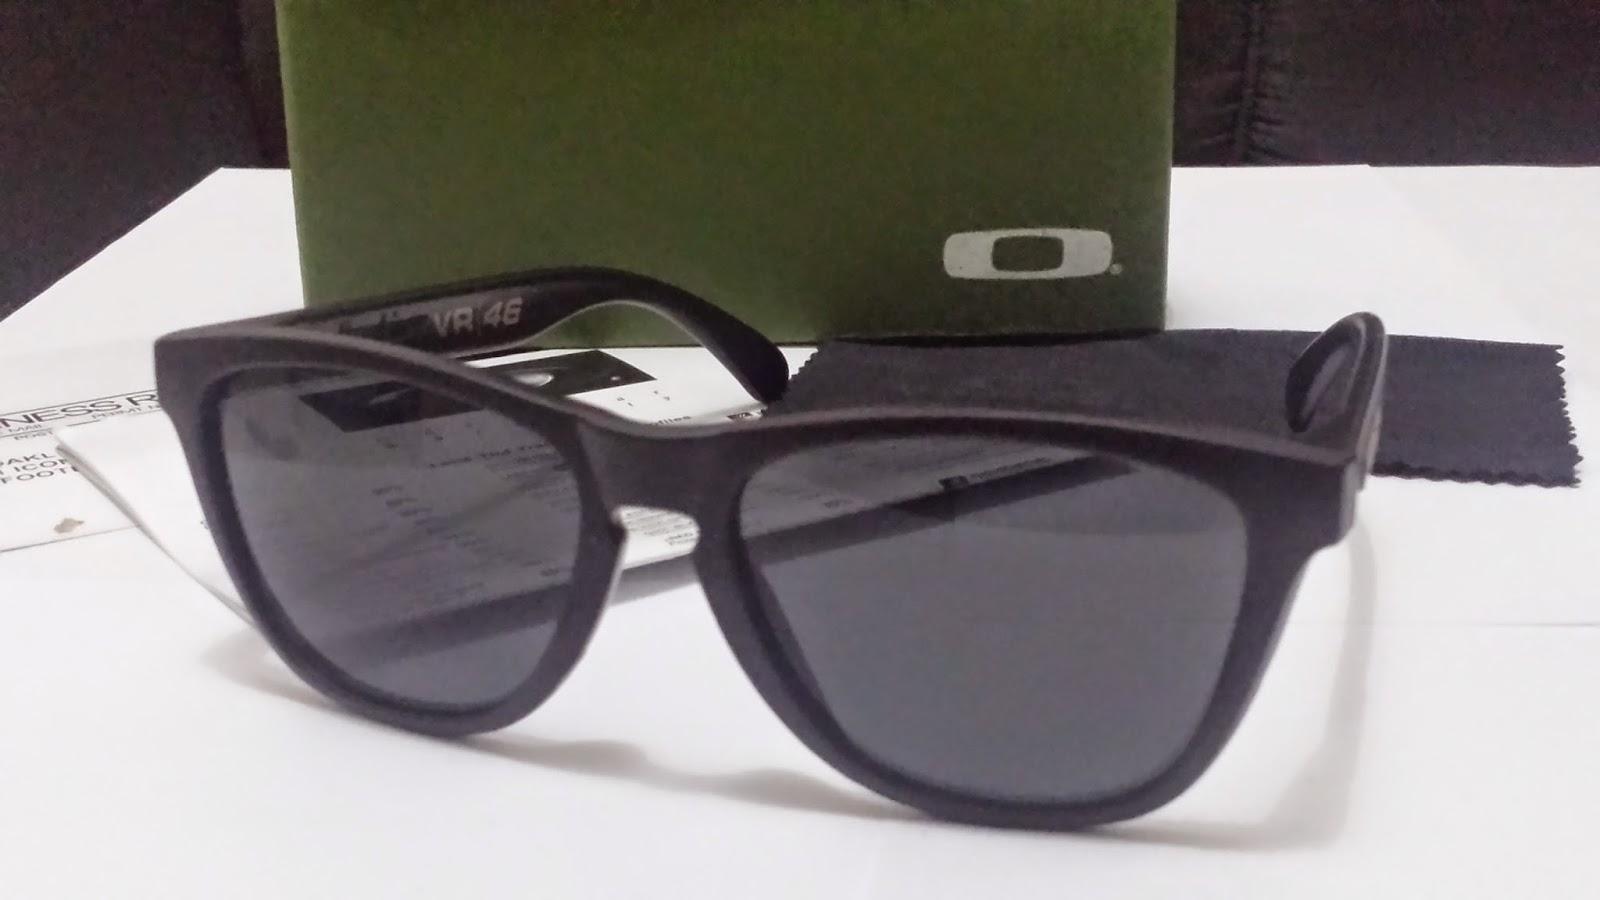 eda7381d0 Foi também o momento em que os óculos de sol Oakley criou um-de-um-tipo  chamado Frogskins®. Nós ressuscitou o ferramental original do início dos  anos 80, ...